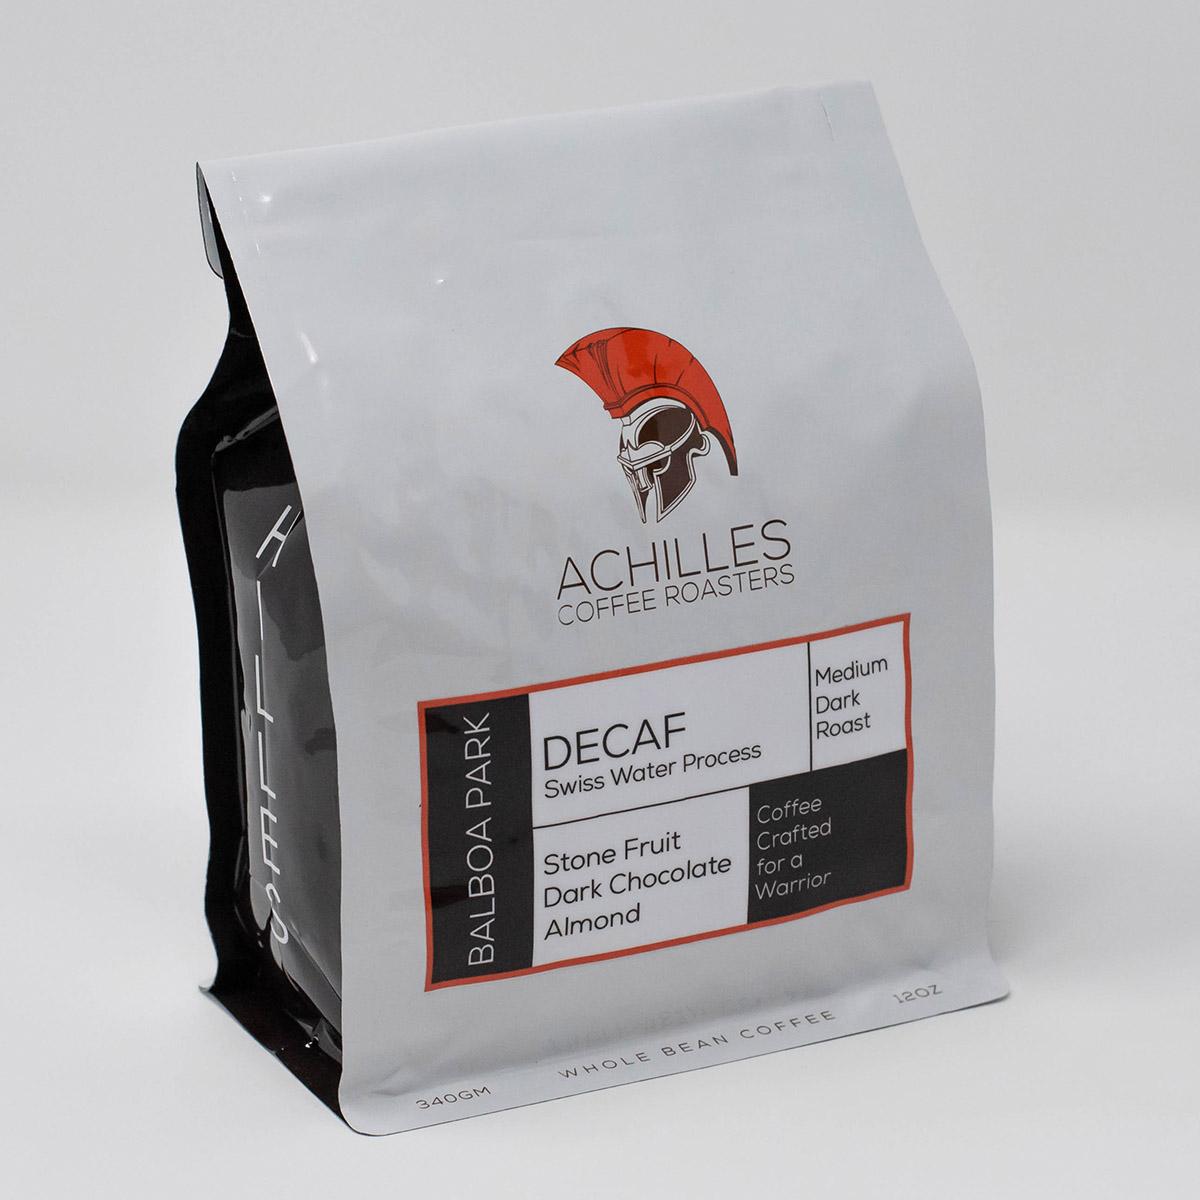 Dark Roast Whole Bean Decaf Coffee from Peru